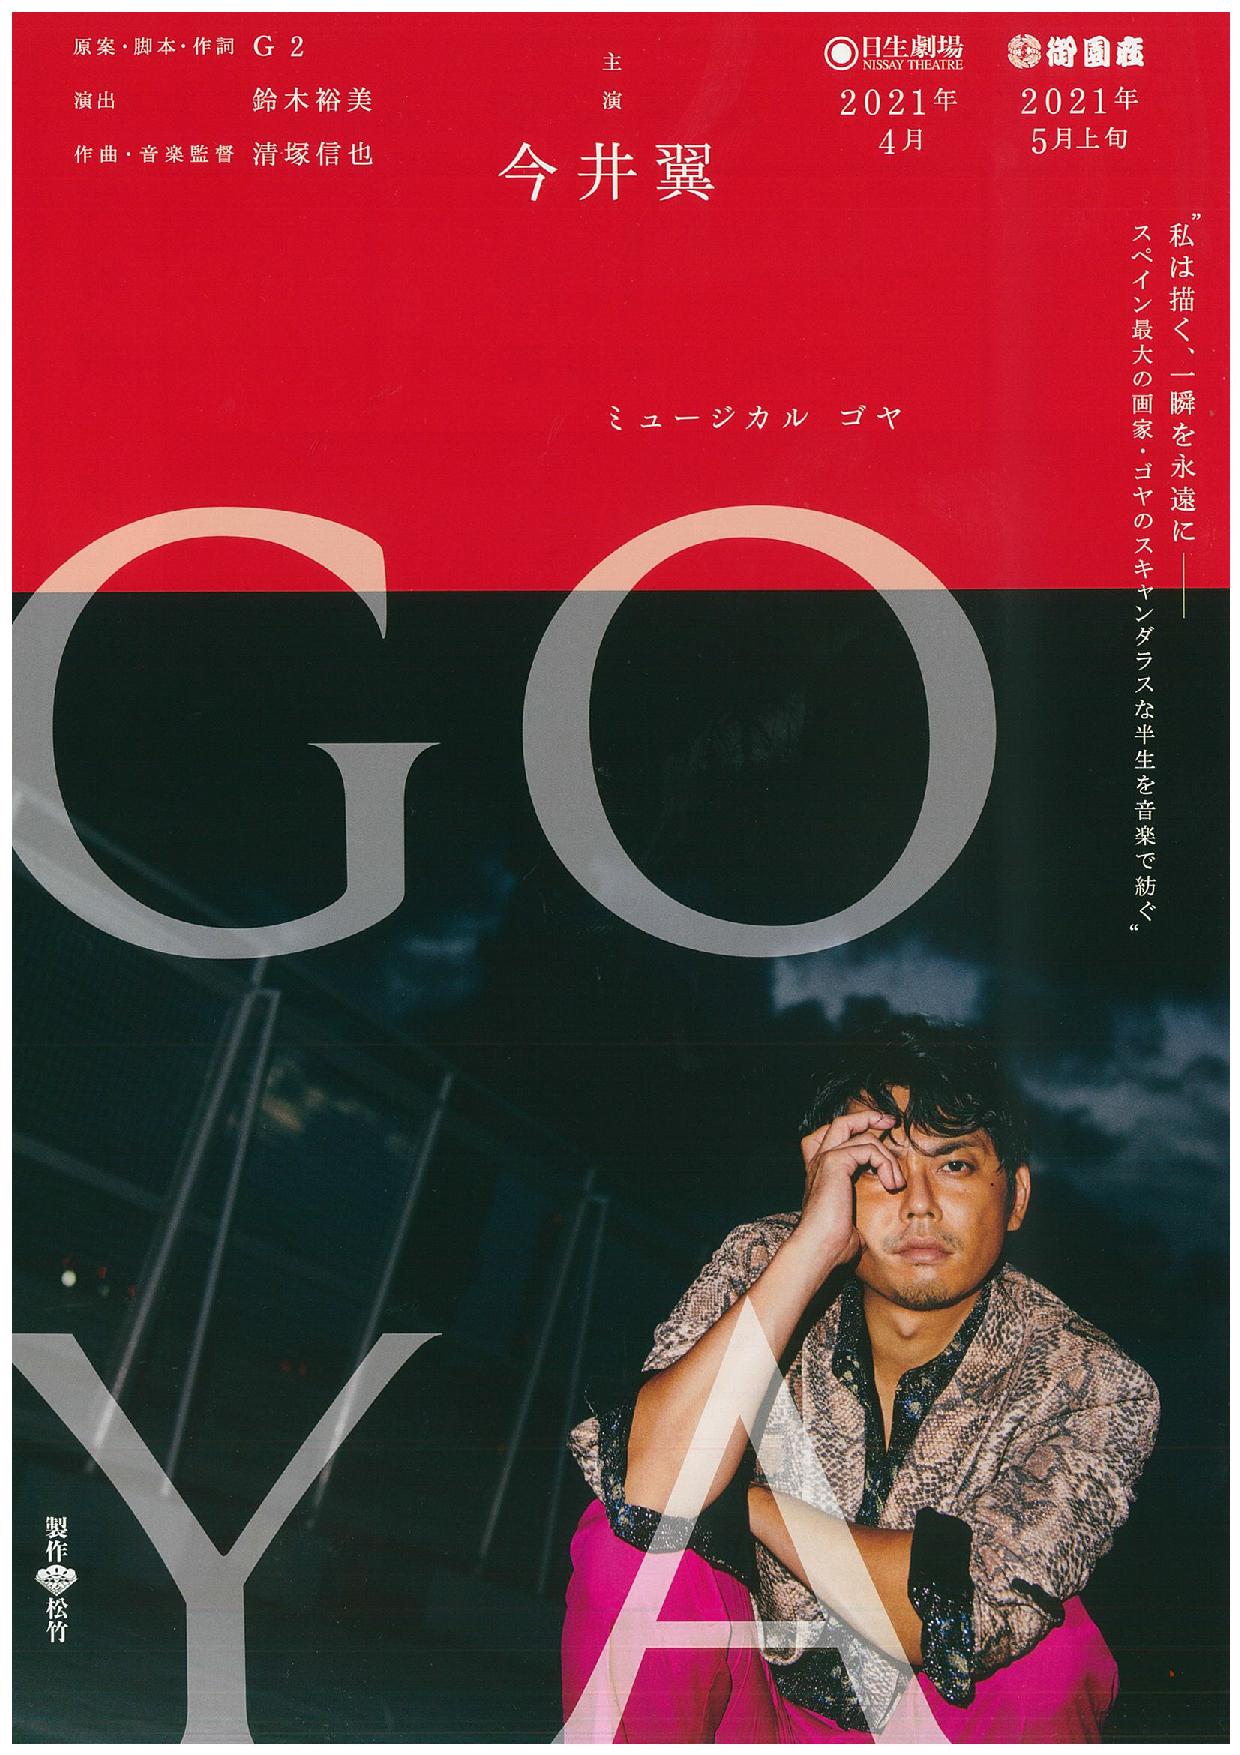 ミュージカル『ゴヤ -GOYA-』